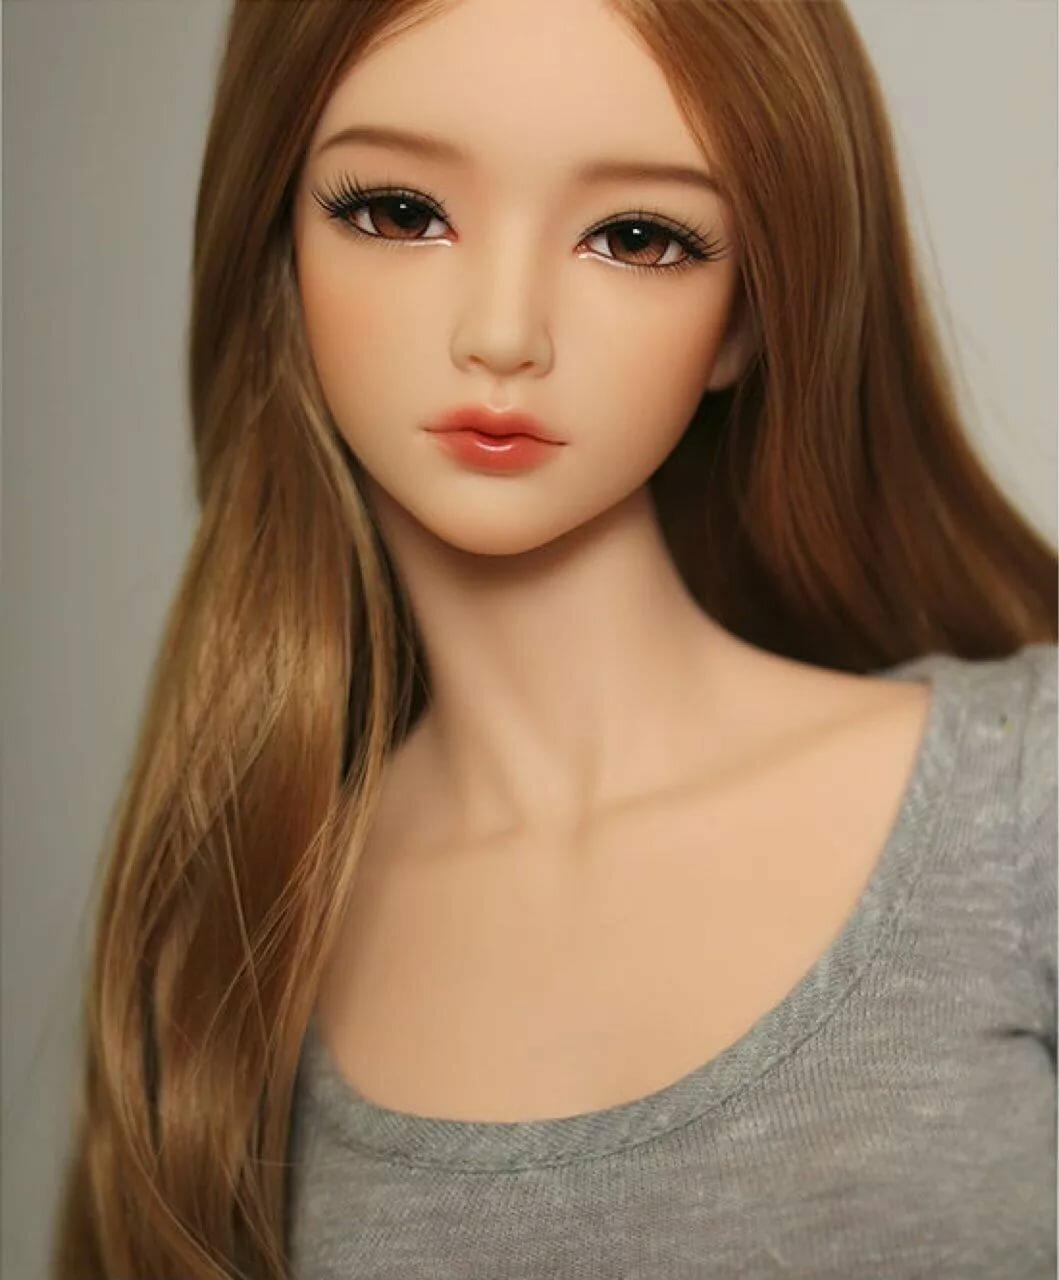 Barbi girl japanese, half naked asian men